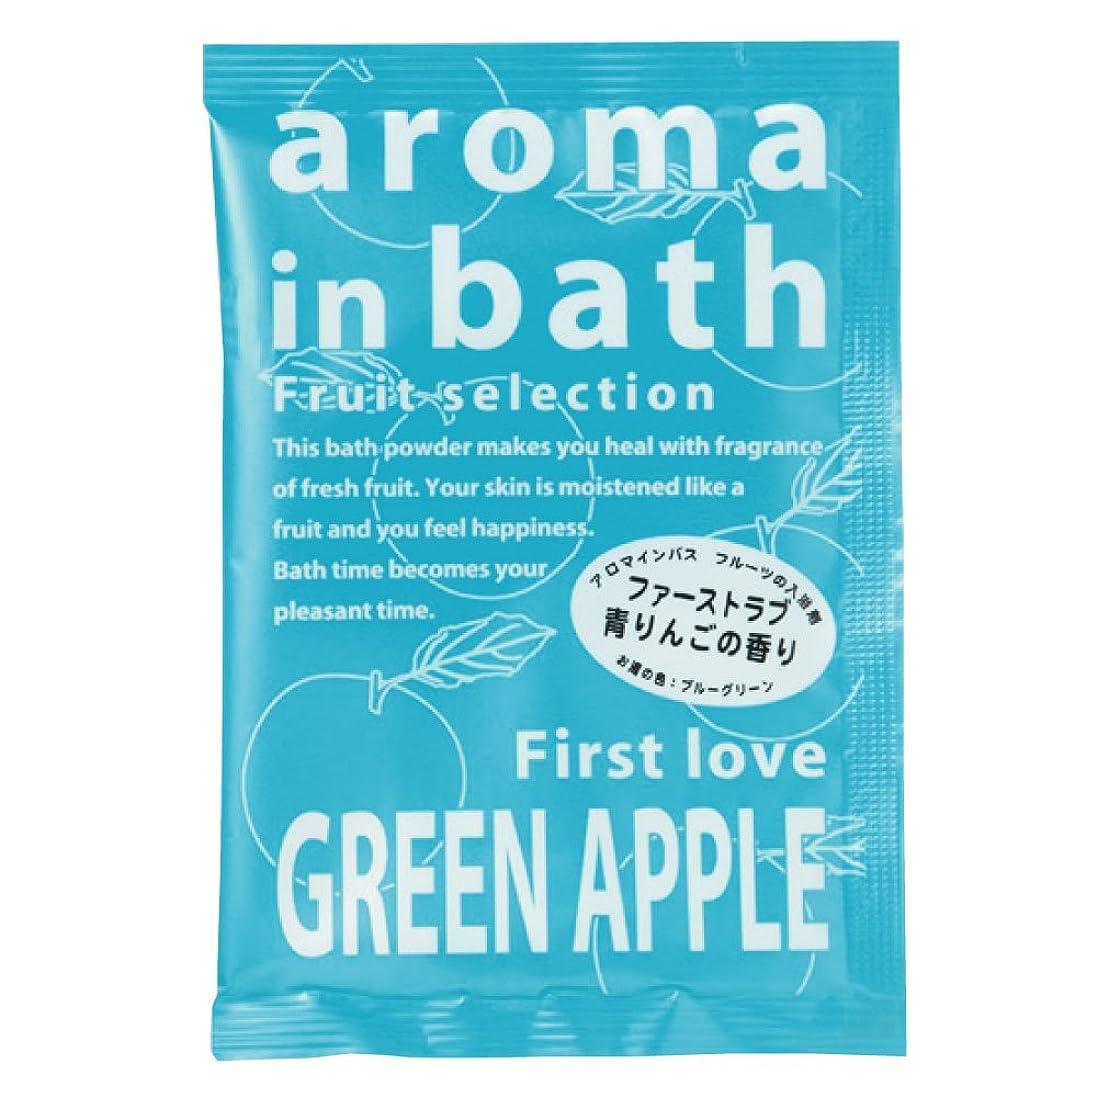 習熟度り喉頭入浴剤 アロマインバス(グリ-ンアップルの香り)25g